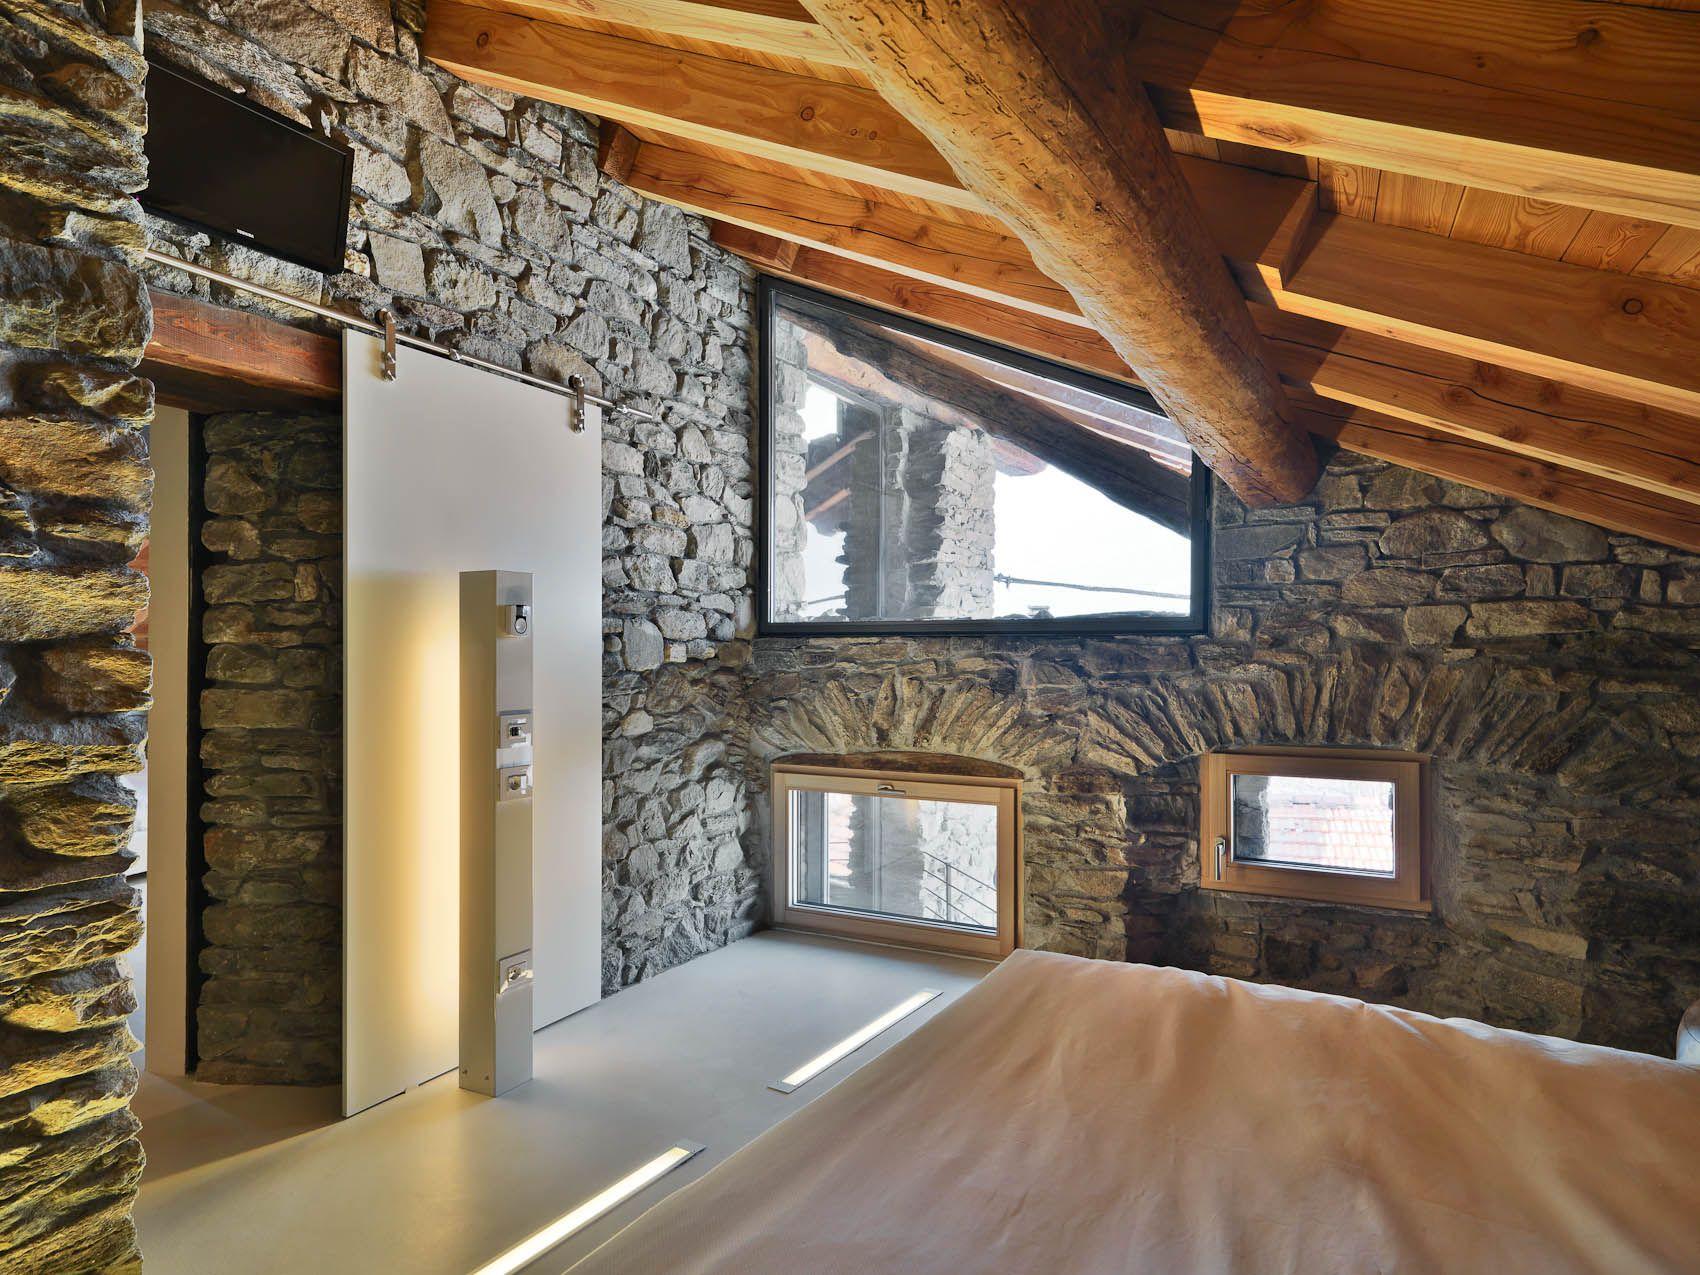 Case in pietra e legno cerca con google kuce od kamena for Case in legno e pietra